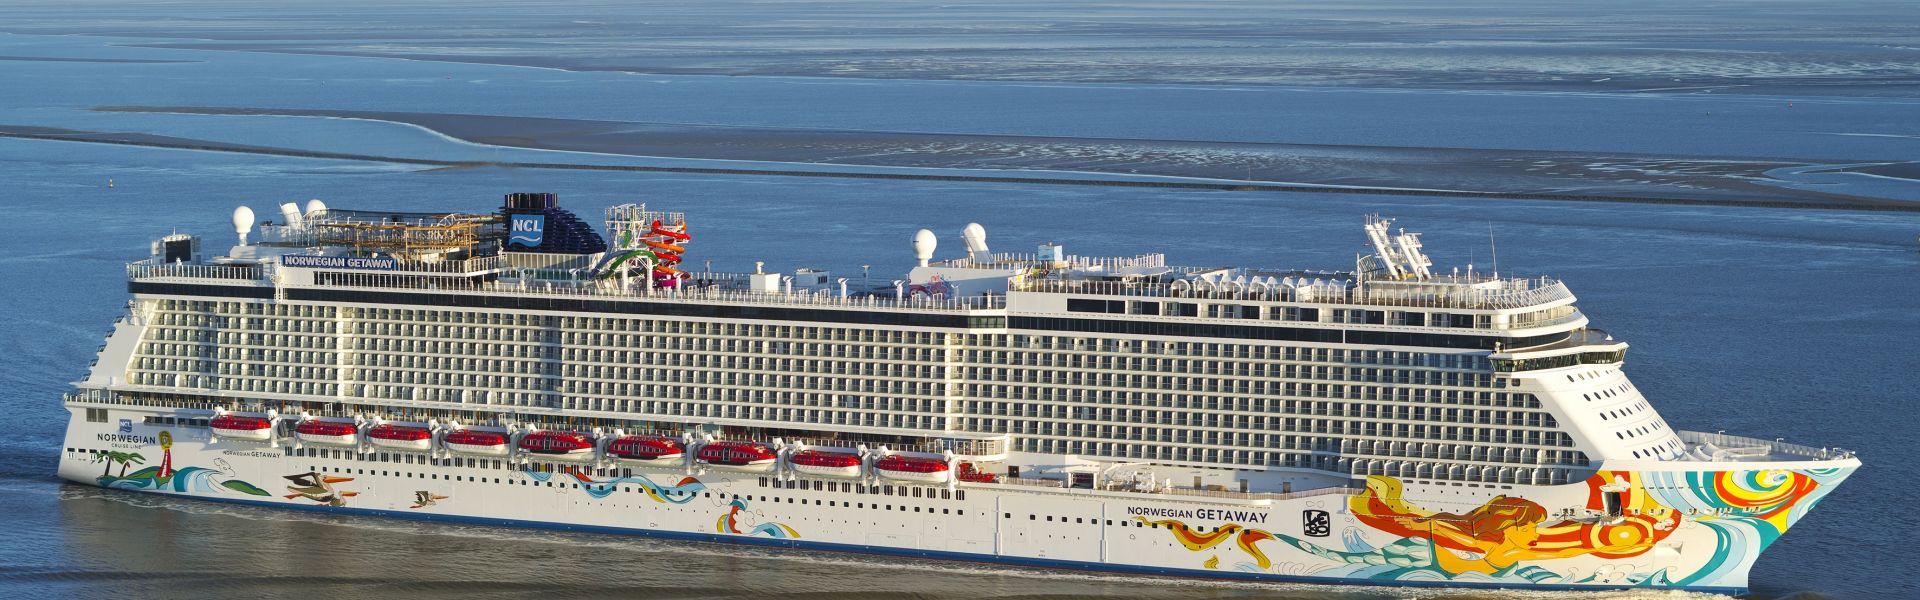 Croaziera 2017 - Baltice/Rusia (Copenhaga) - Norwegian Cruise Line - Norwegian Getaway - 8 nopti